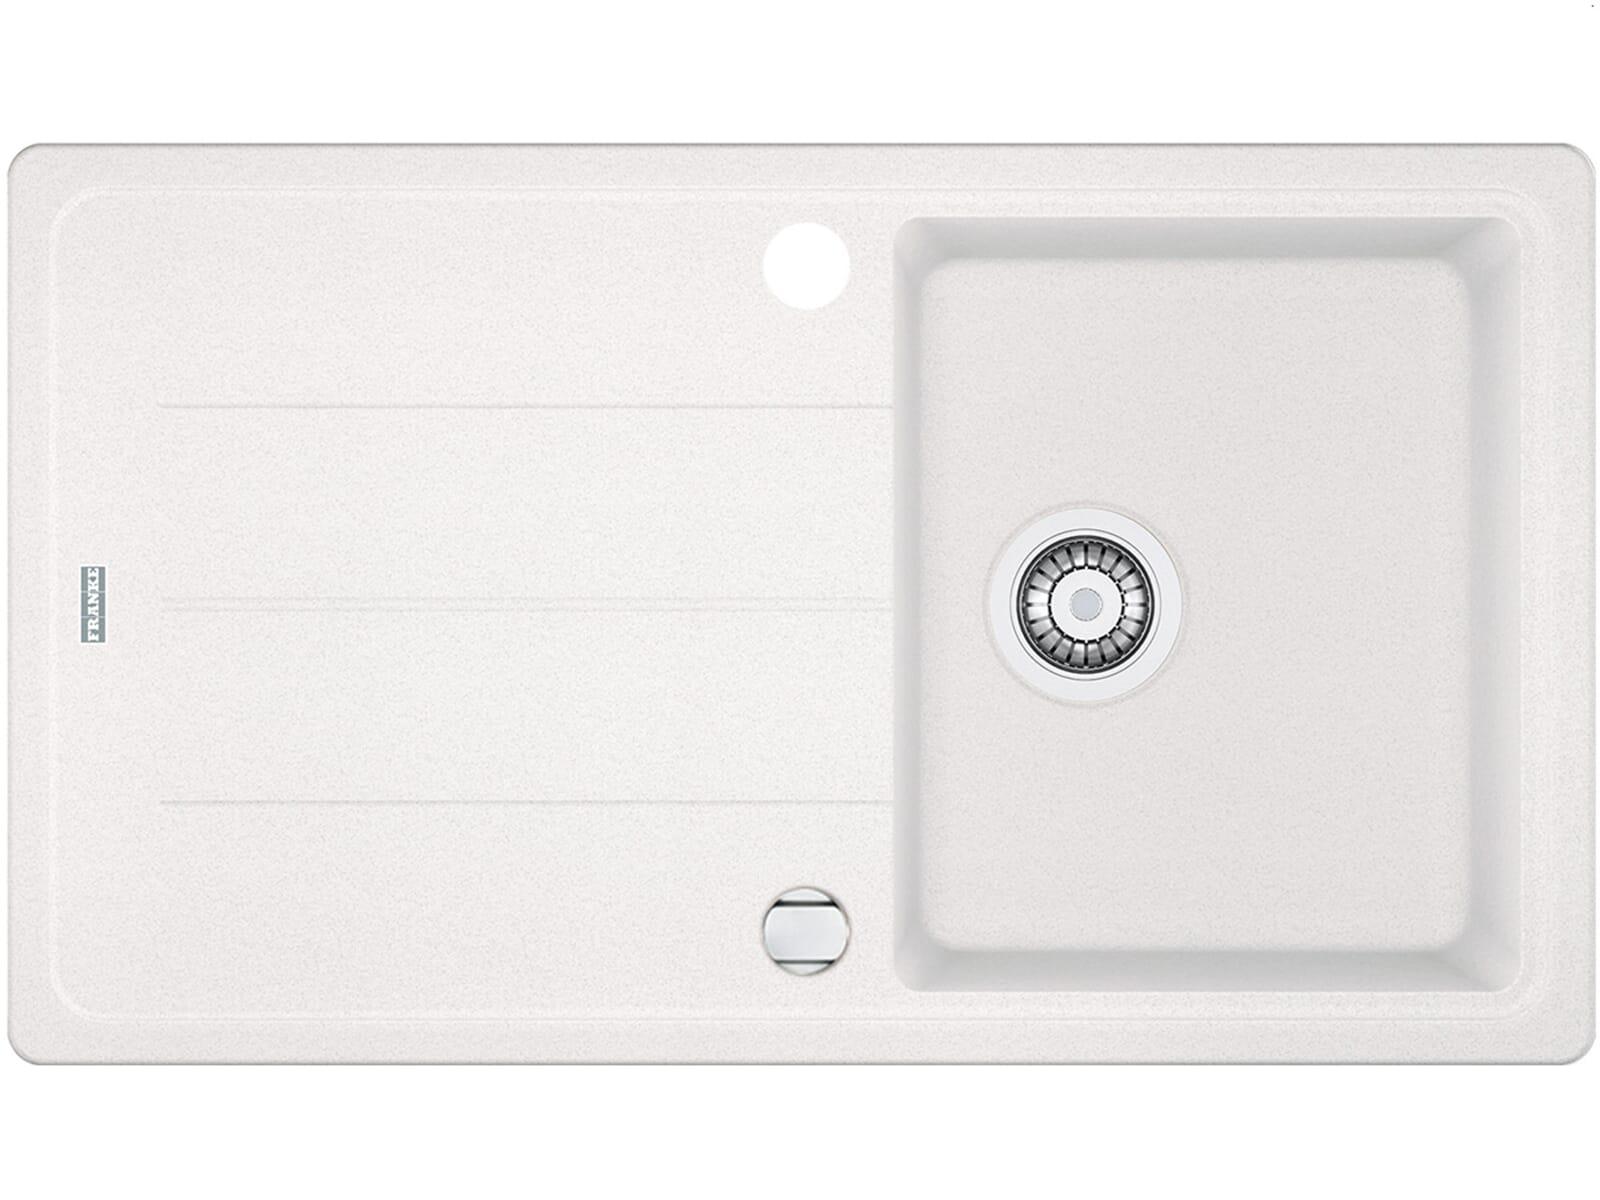 Produktabbildung Franke Basis BFG 611-86 Glacier Granit-Spüle